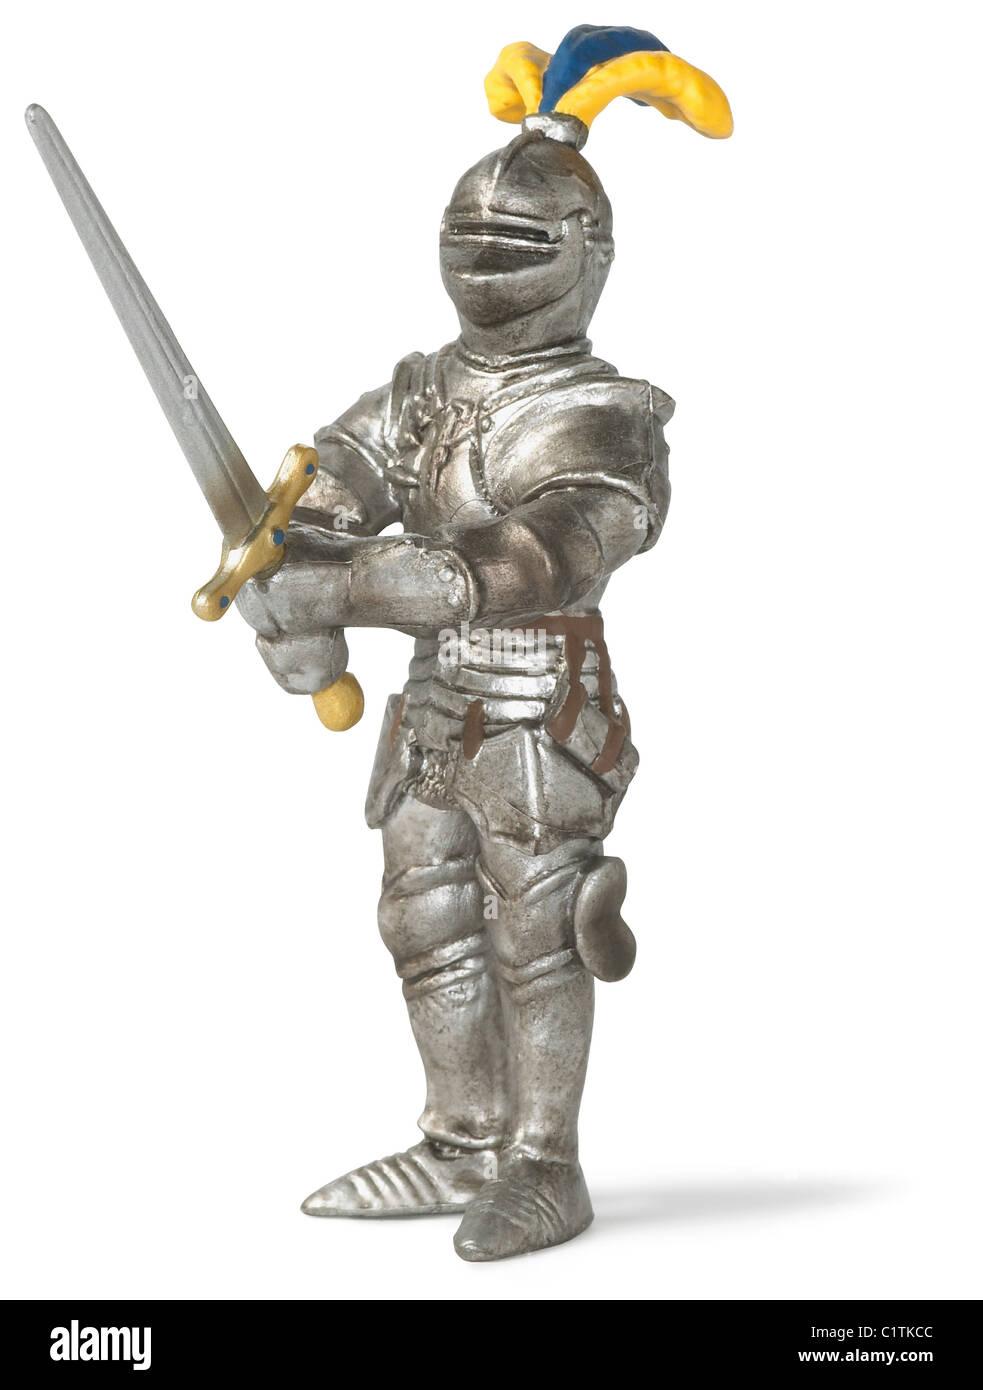 Armor Stockfotos & Armor Bilder - Alamy